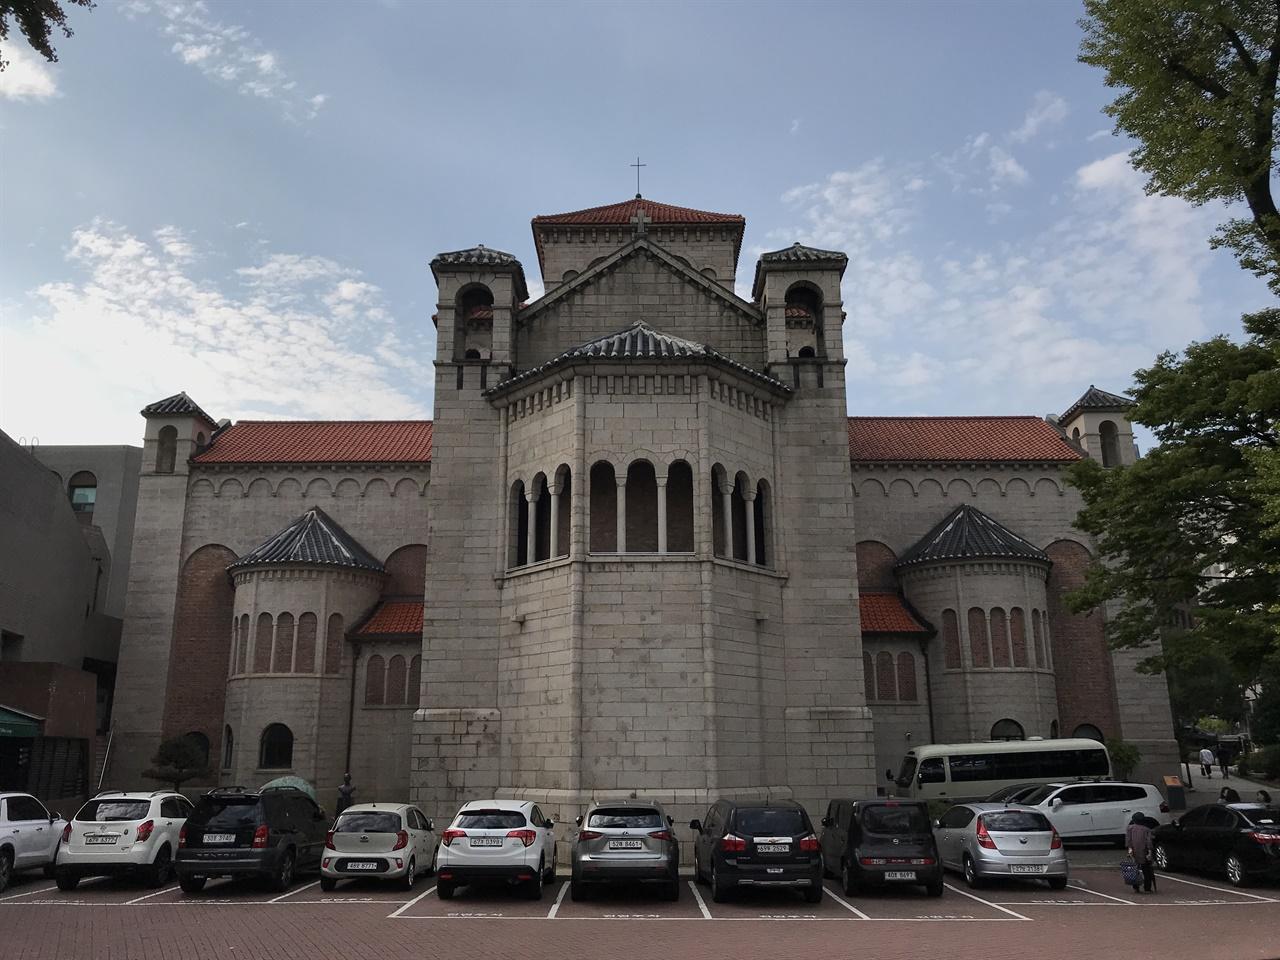 대한성공회 서울주교좌성당 주교좌성당은 1987년 6월 10일 저녁 6시, 42번의 종소리를 울리며 6월 항쟁의 시작을 알린 곳이다. 국민운동본부(국본)의 국민대회도 이곳에서 열렸다. 주교좌성당의 뒤뜰에 '유월민주항쟁의 진원지'임을 알리는 표석이 있는 건 이 때문이다.